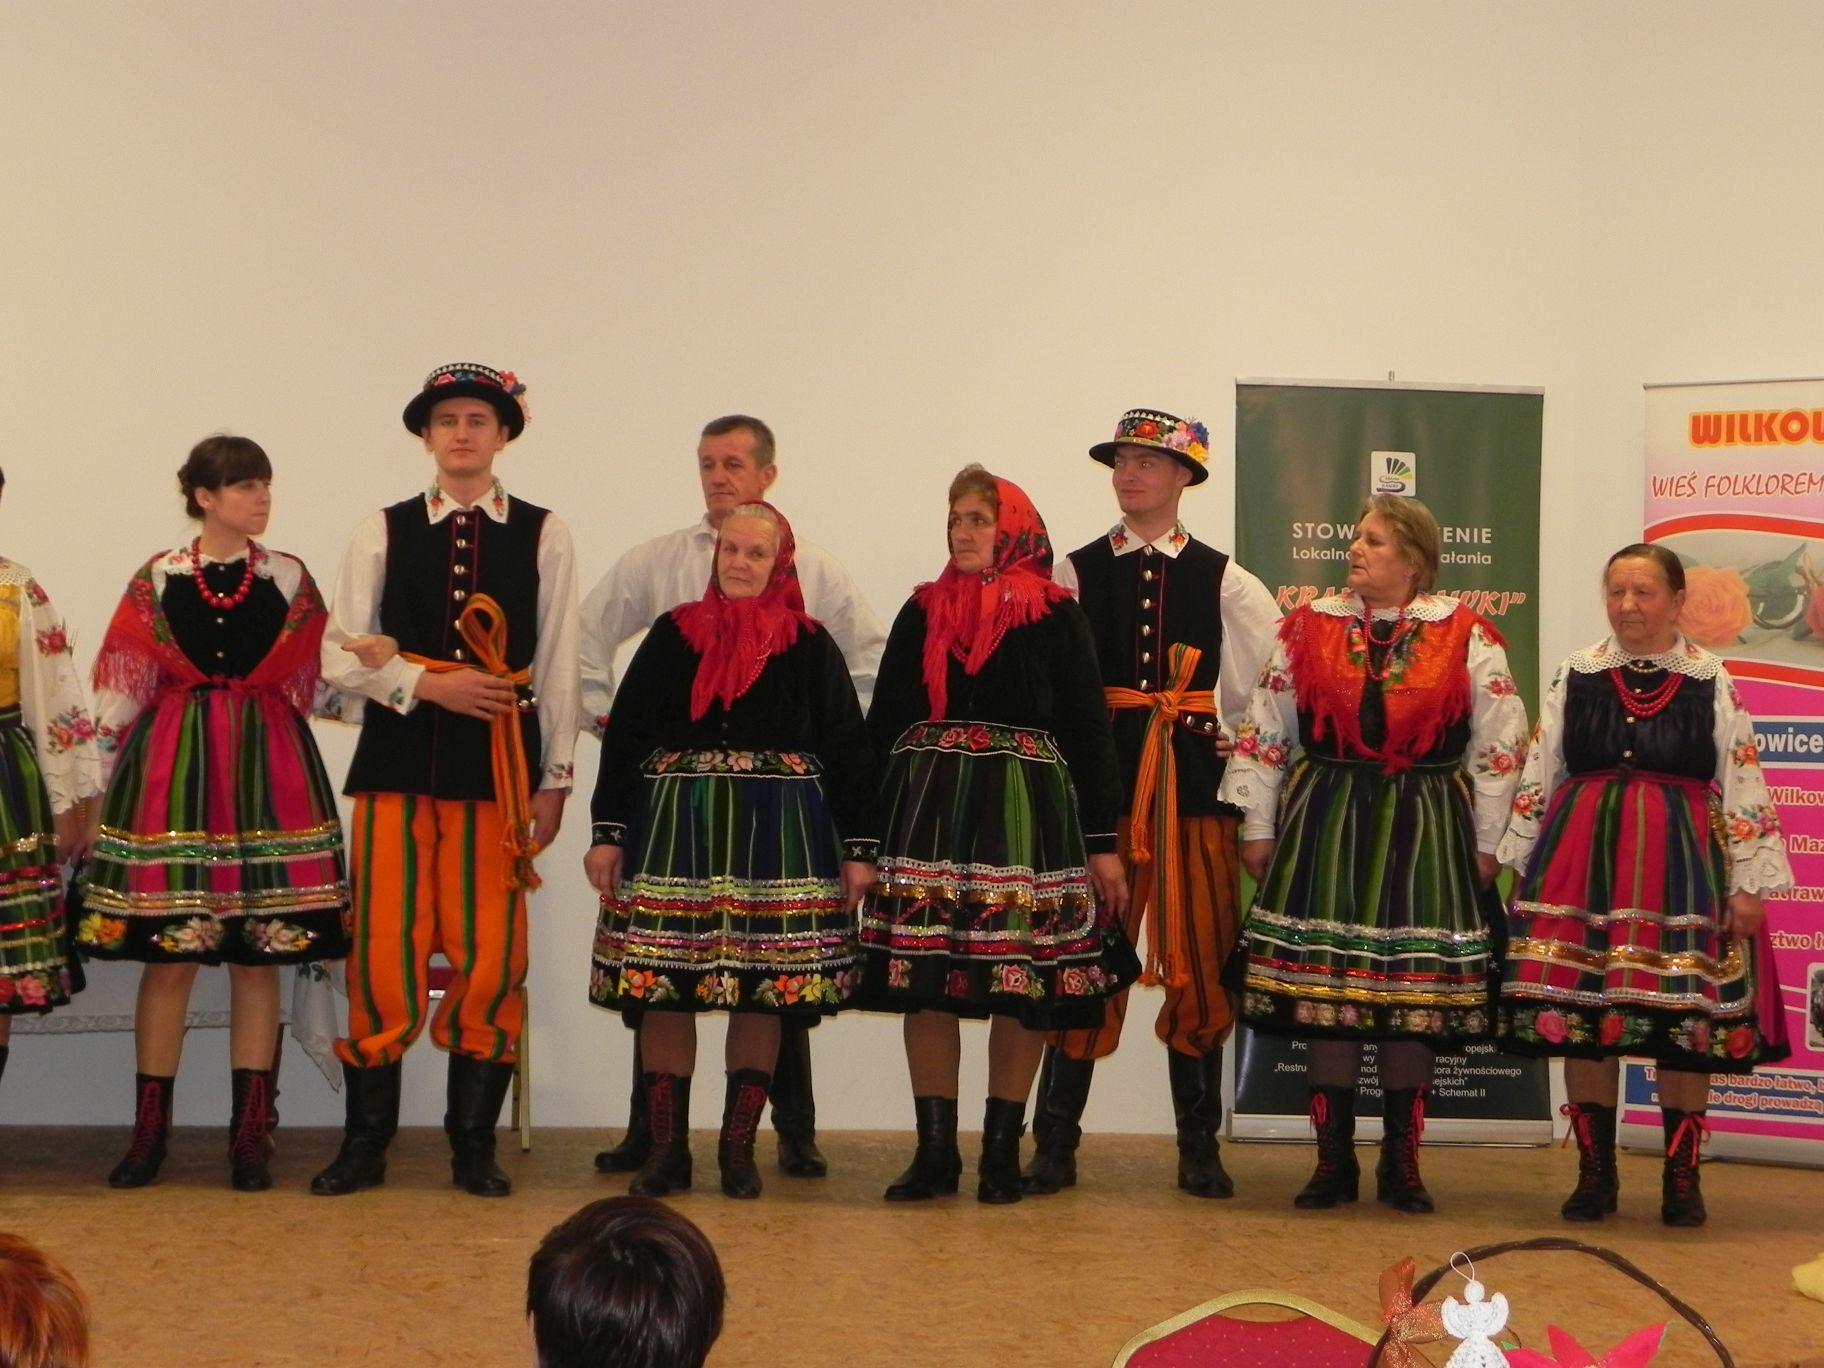 2012-12-14 Wilkowice - Konferencja Wioski tematyczne (156)